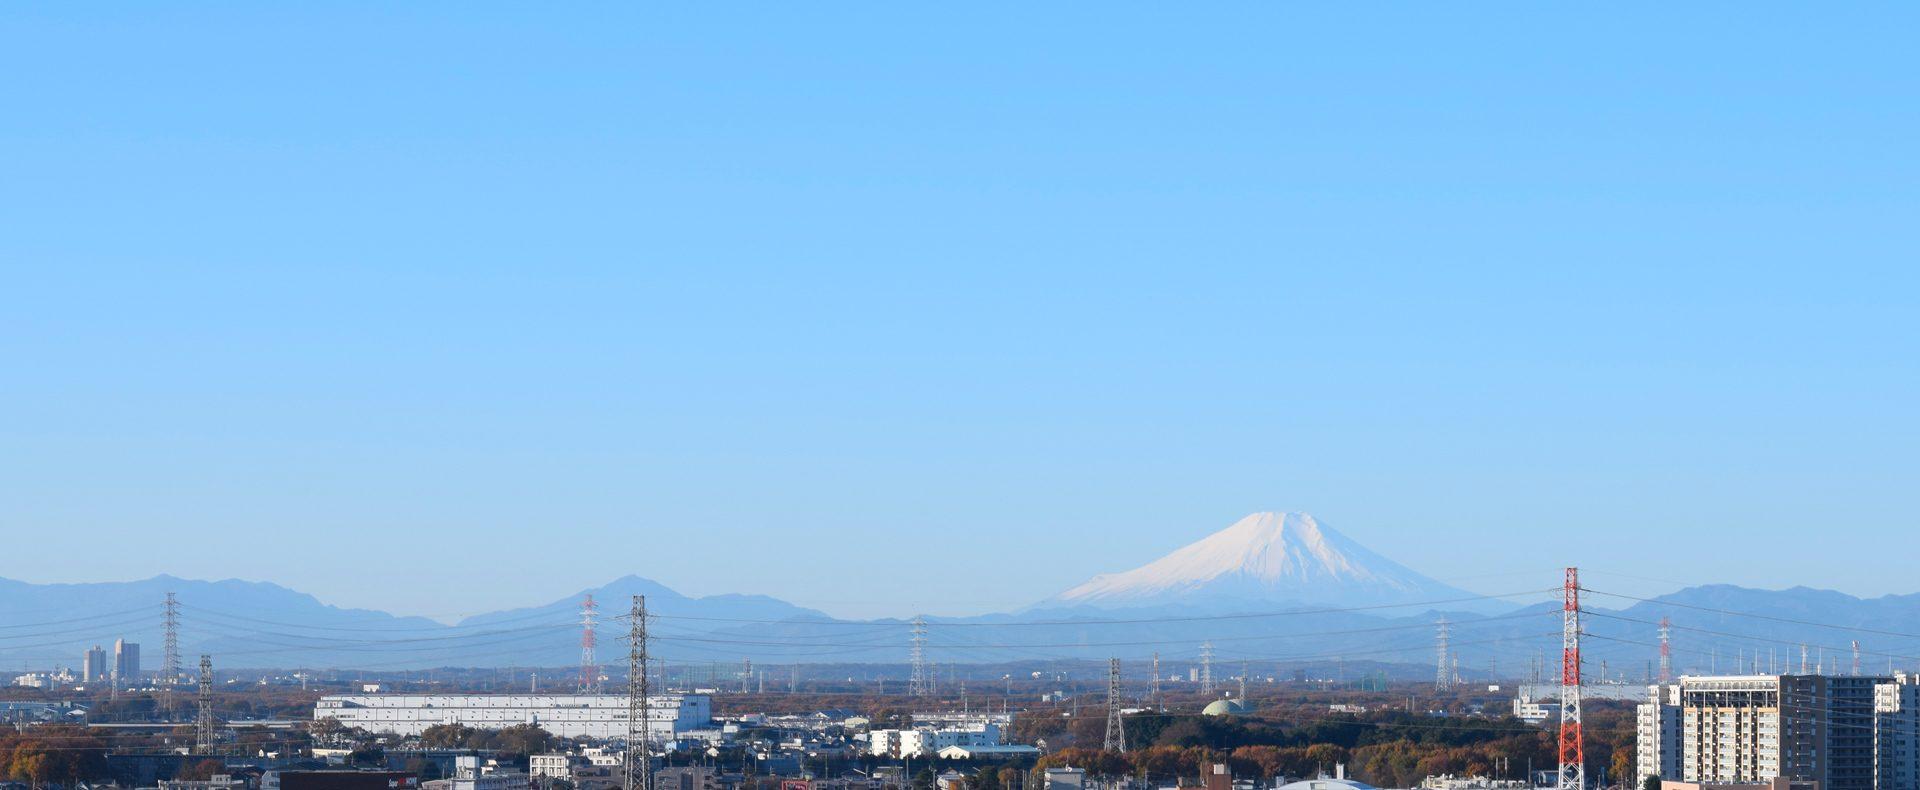 富士山が見える事務所から